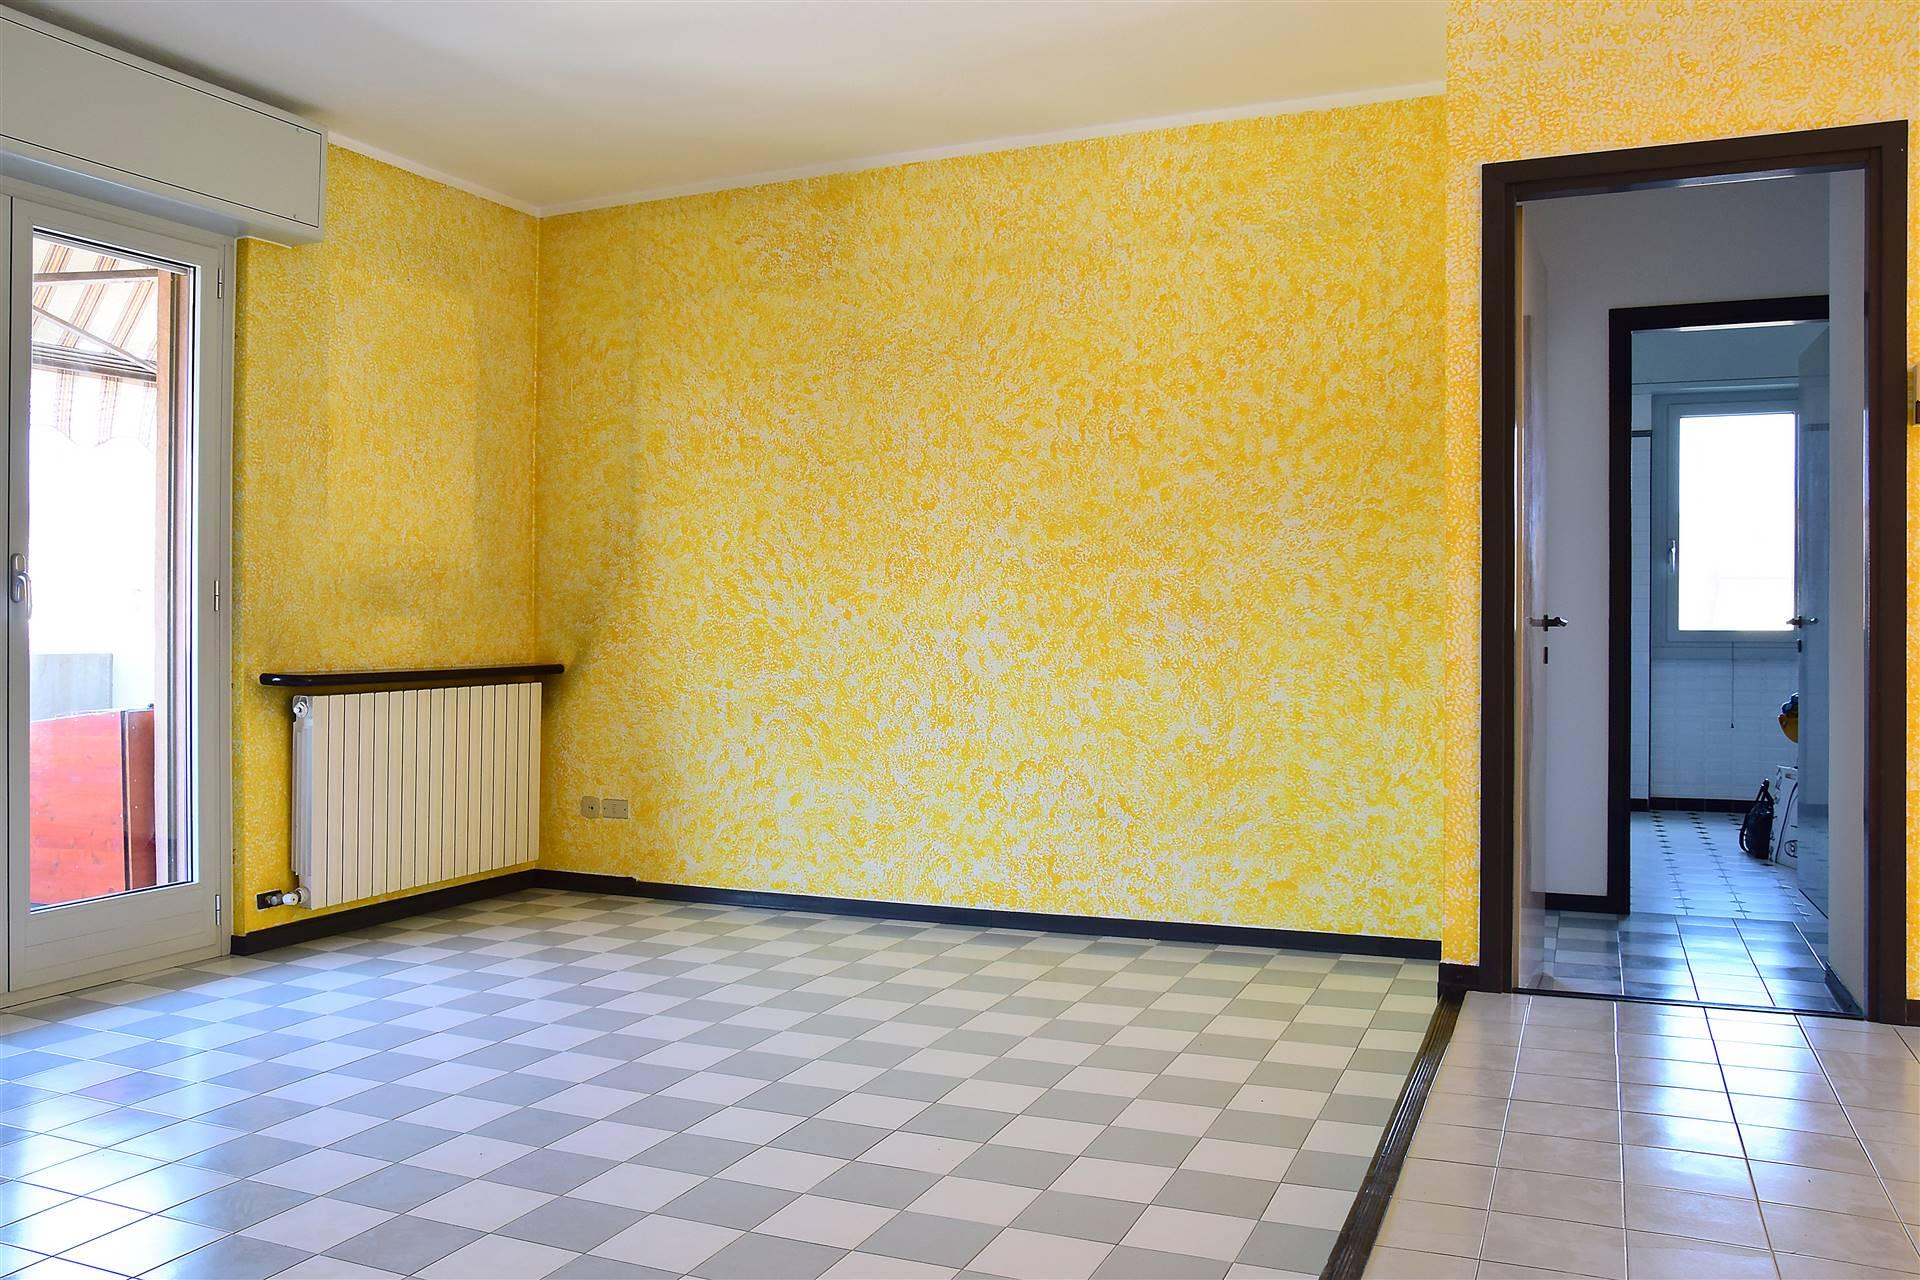 Appartamento in vendita a Trezzo sull'Adda, 3 locali, zona esa, prezzo € 130.000   PortaleAgenzieImmobiliari.it